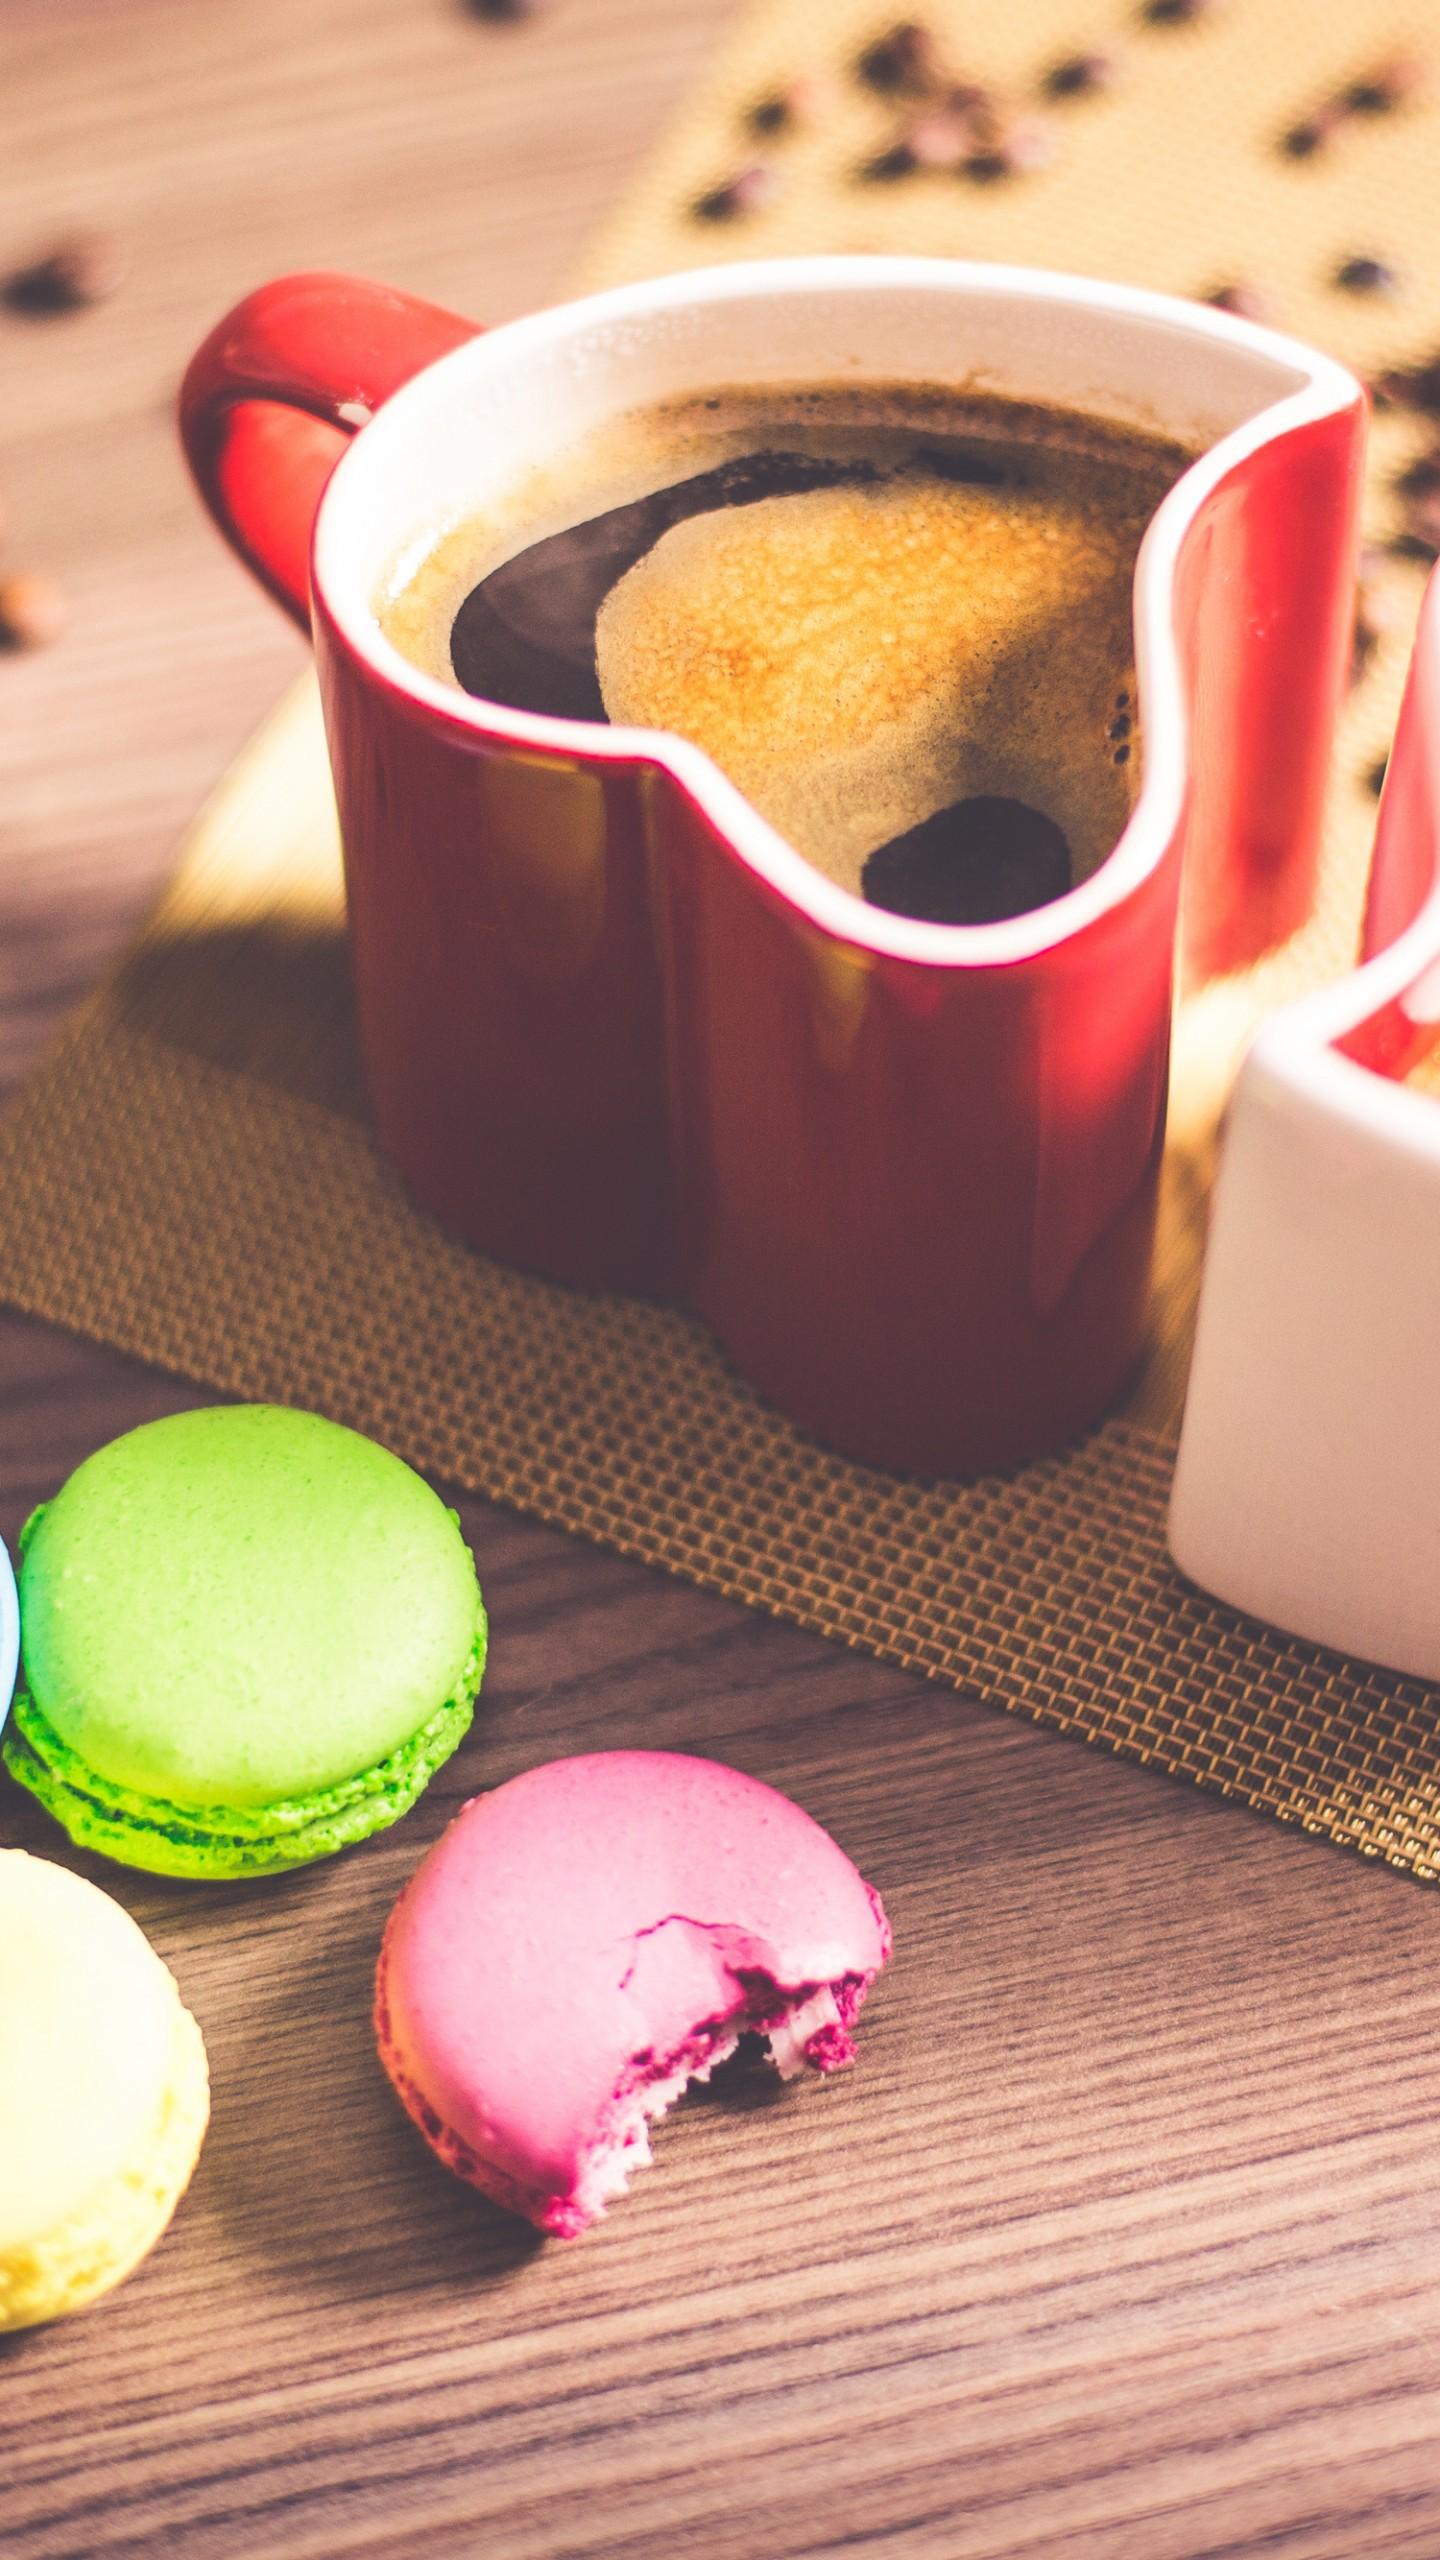 عکس زمینه فنجان قهوه و بیسکویت های رنگی پس زمینه